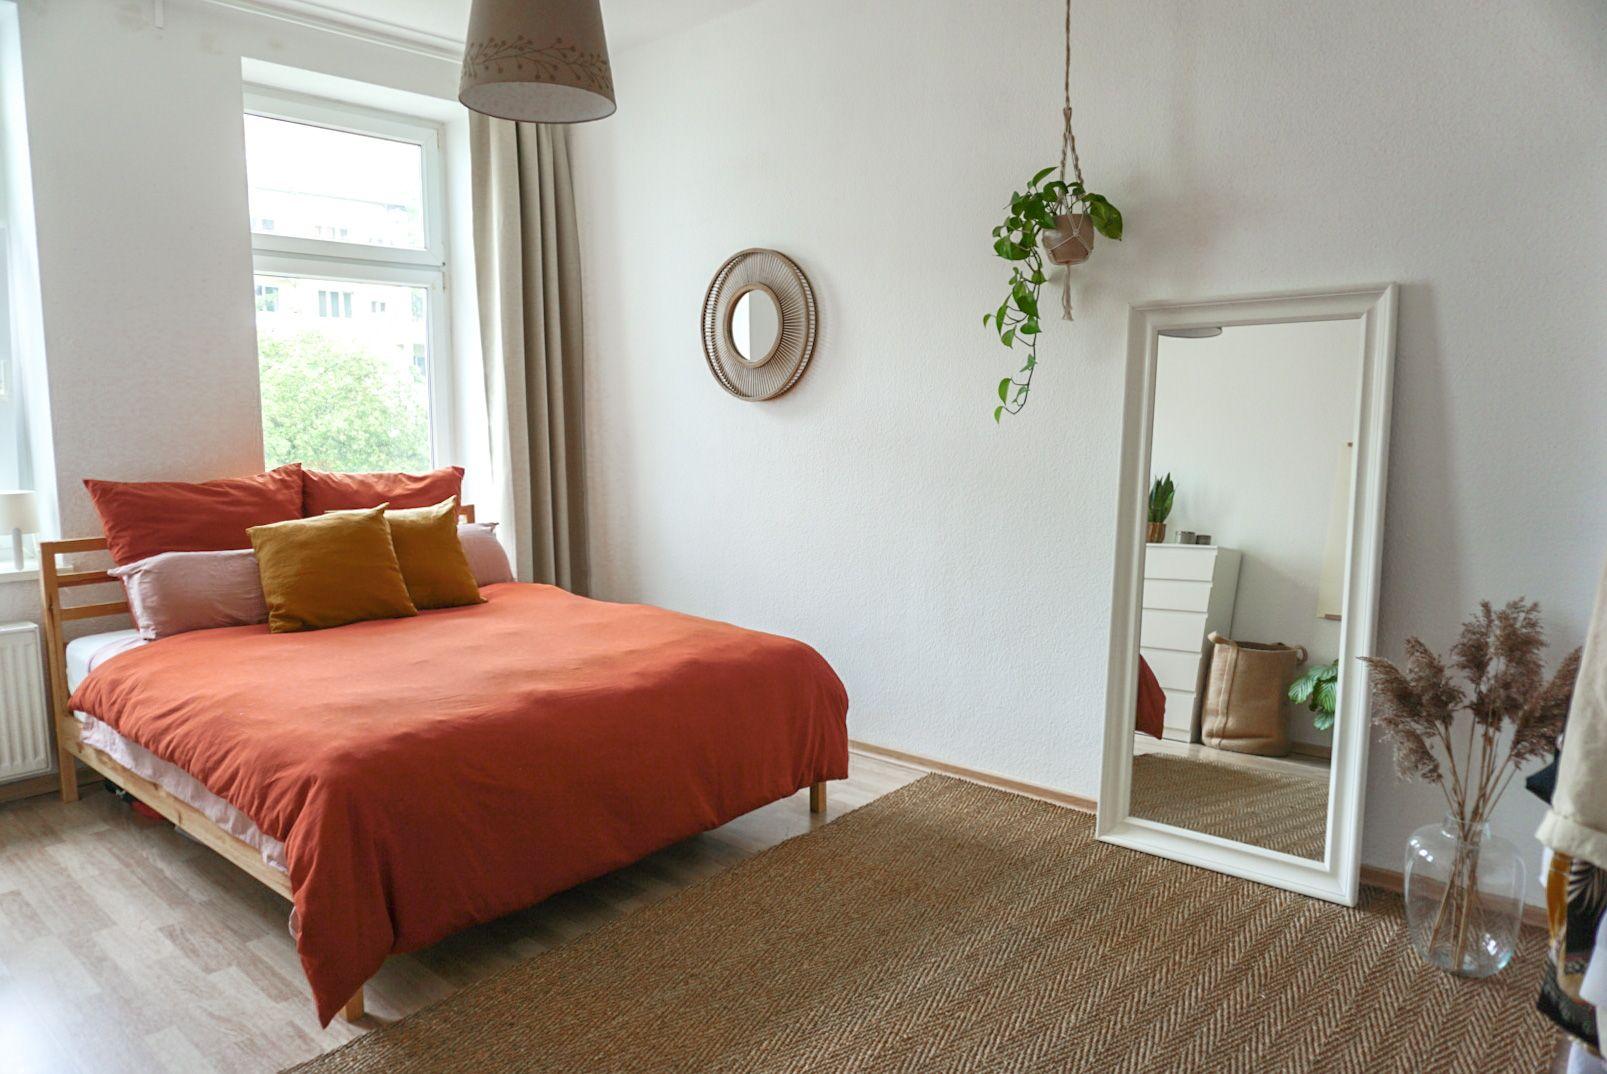 Minimalistisches Boho Schlafzimmer In 2020 Wg Zimmer Inneneinrichtung Zimmer